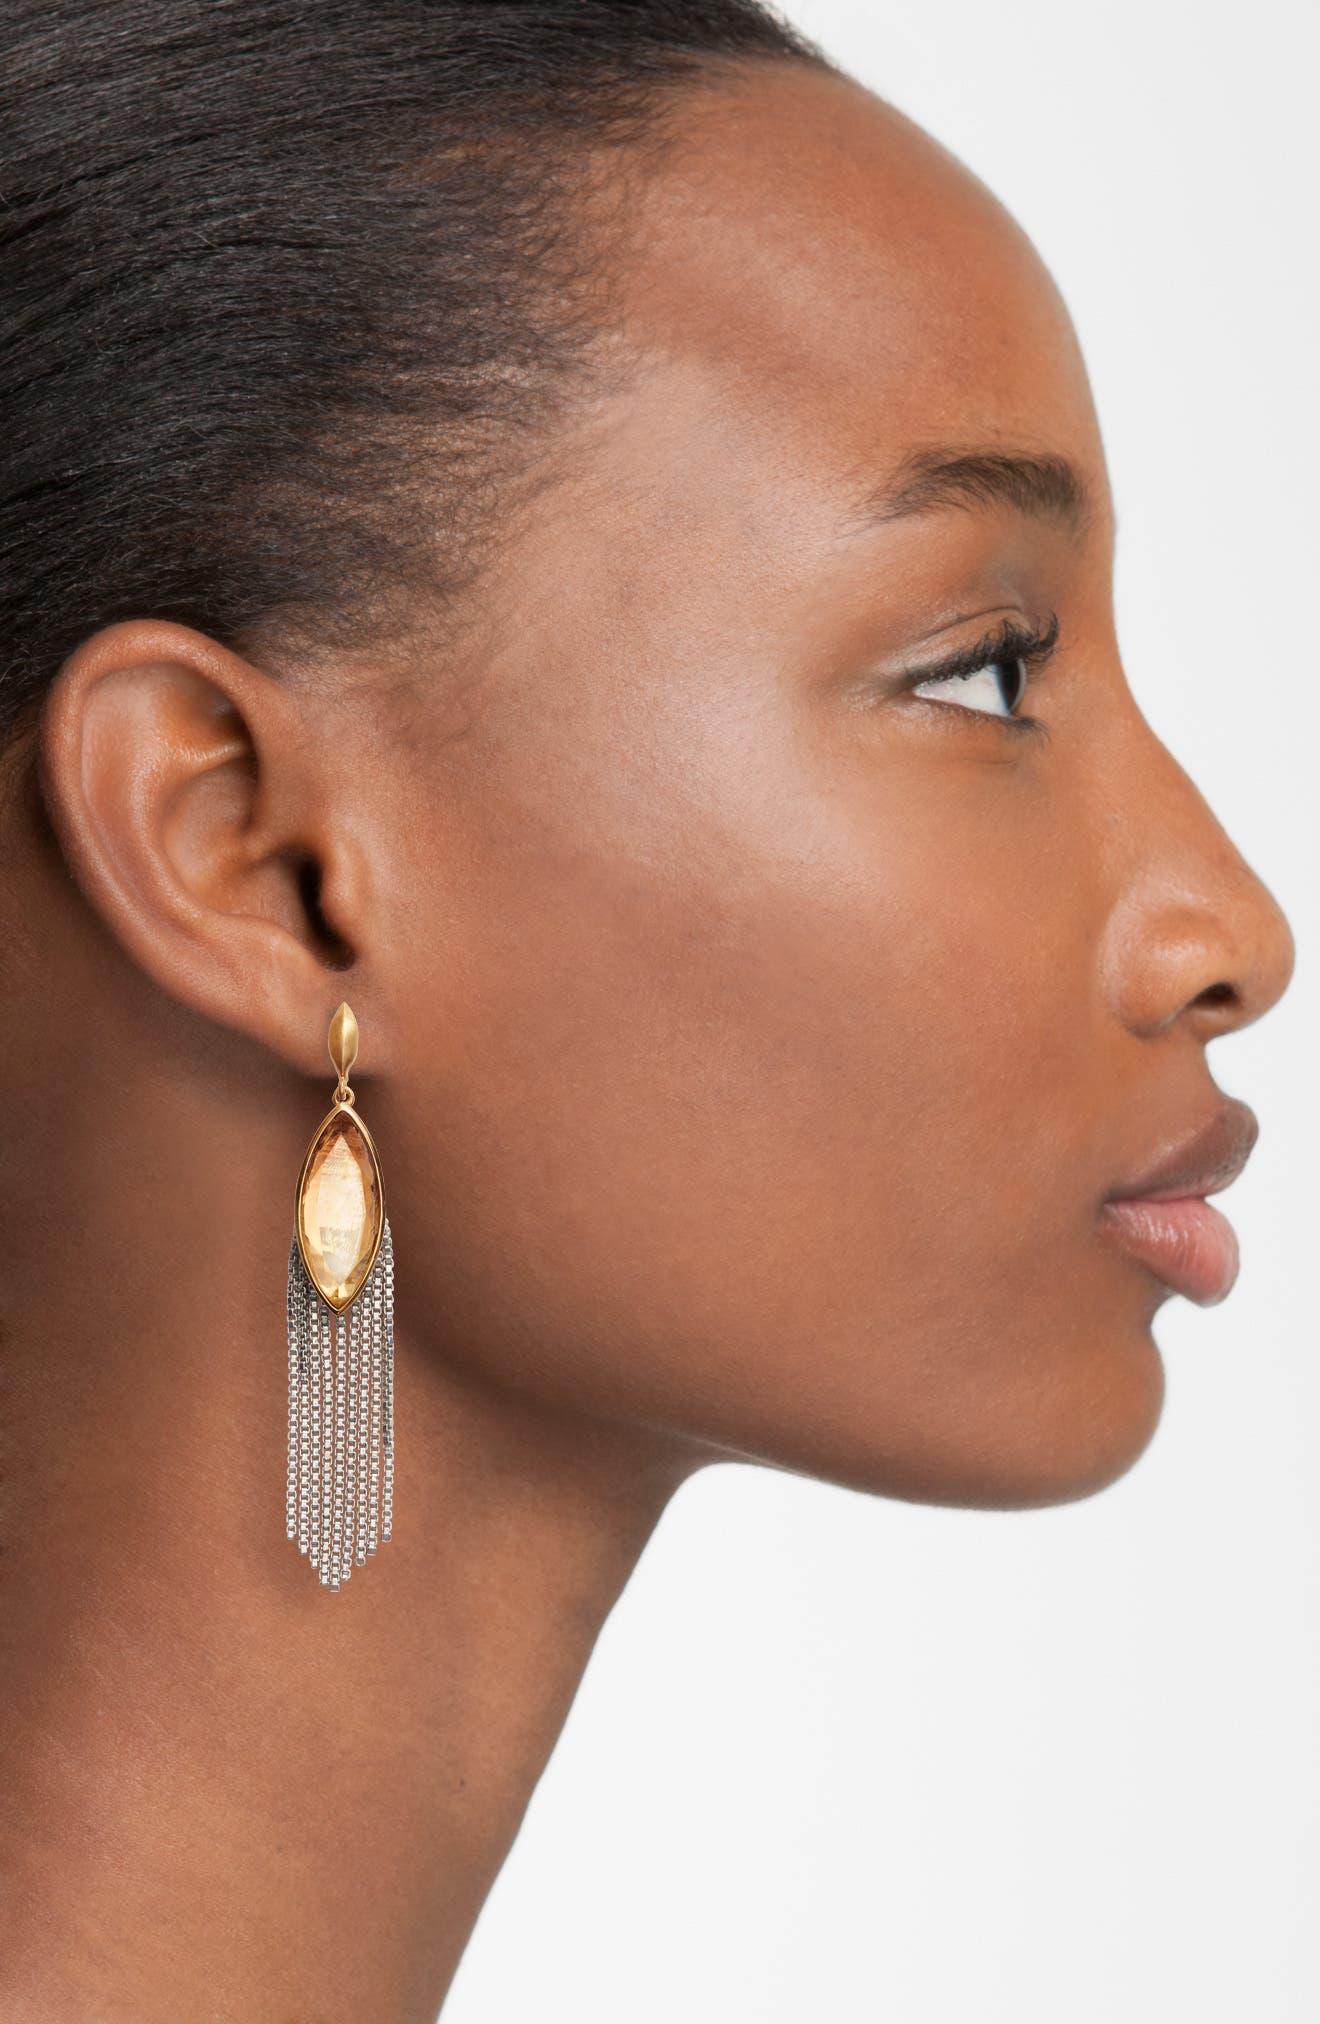 Ornate Semiprecious Stone Fringe Earrings,                             Alternate thumbnail 2, color,                             Lemon Quartz